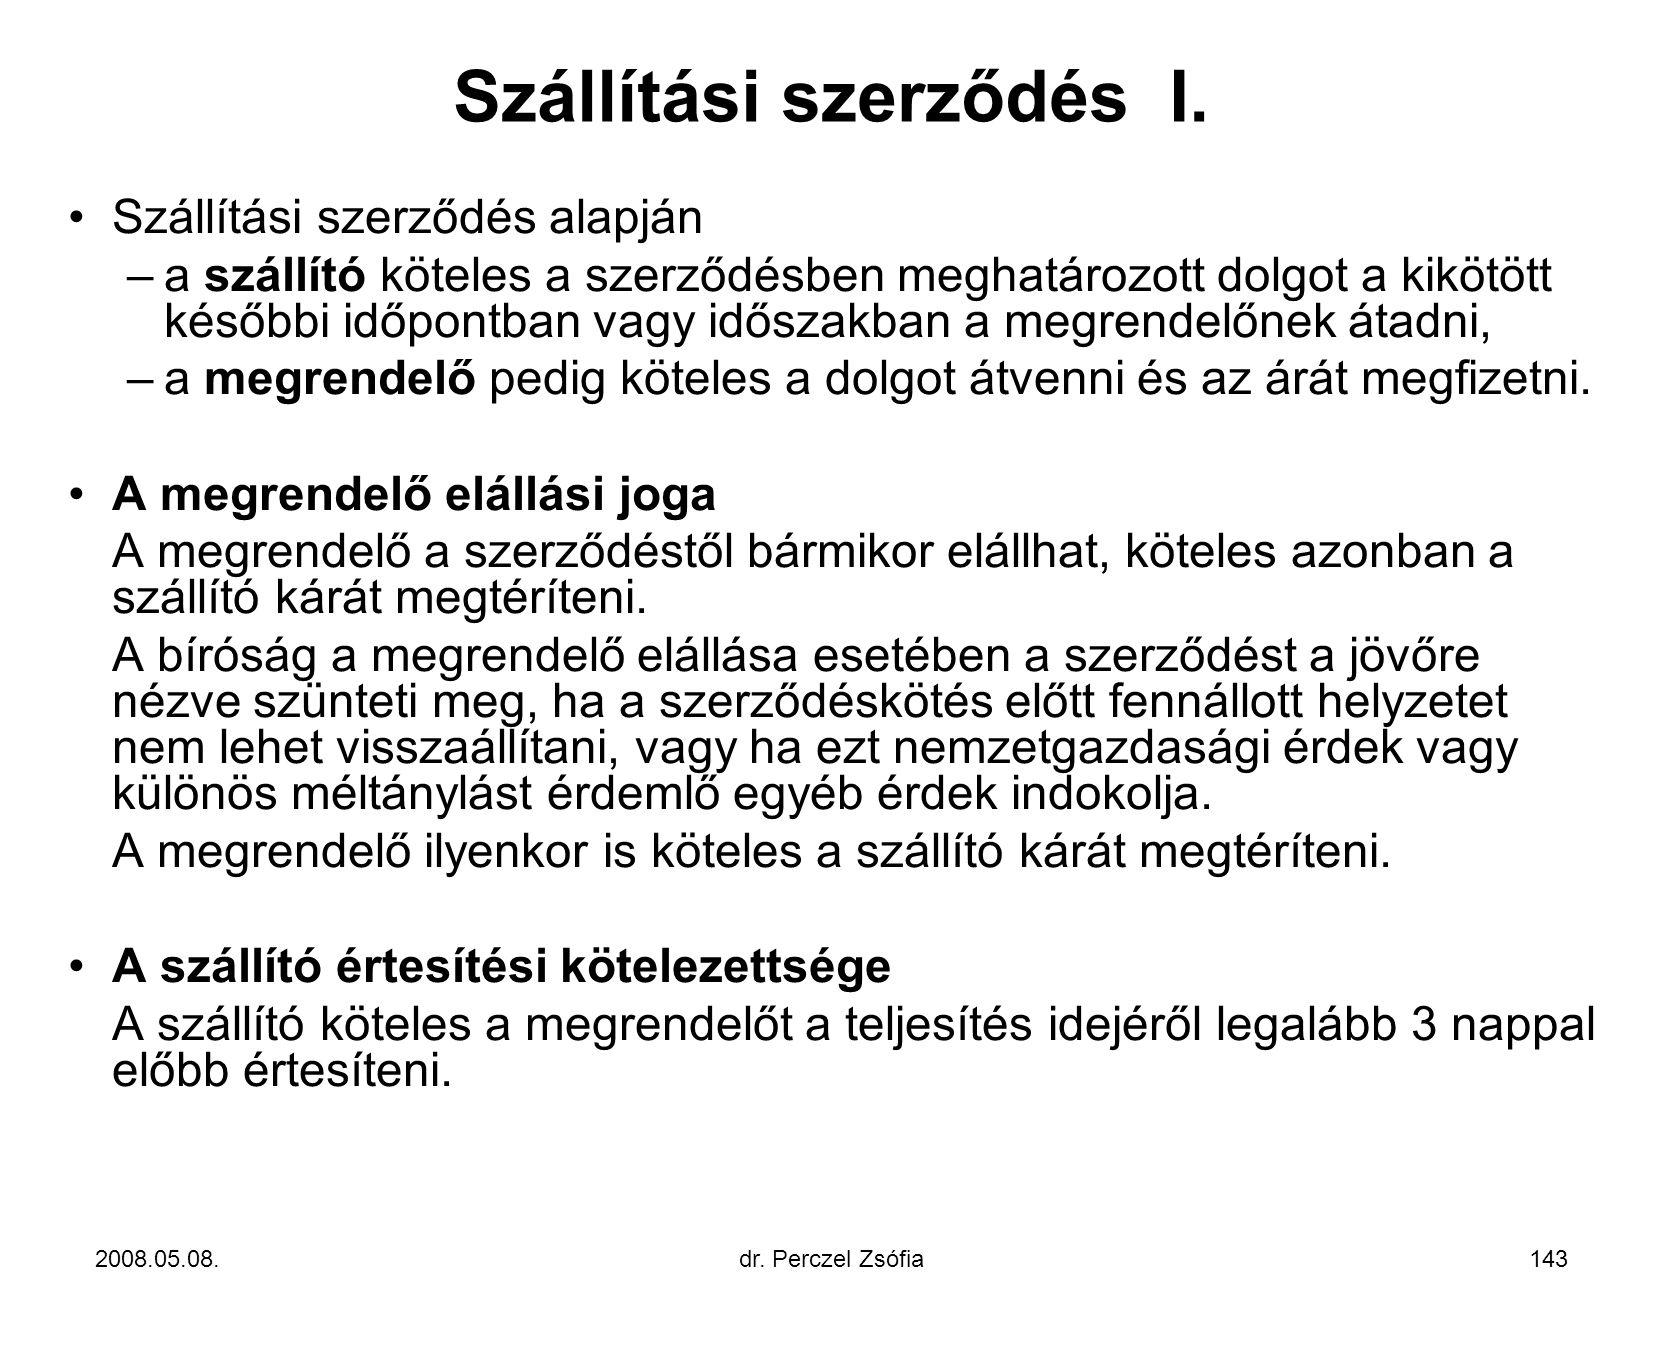 Szállítási szerződés I.